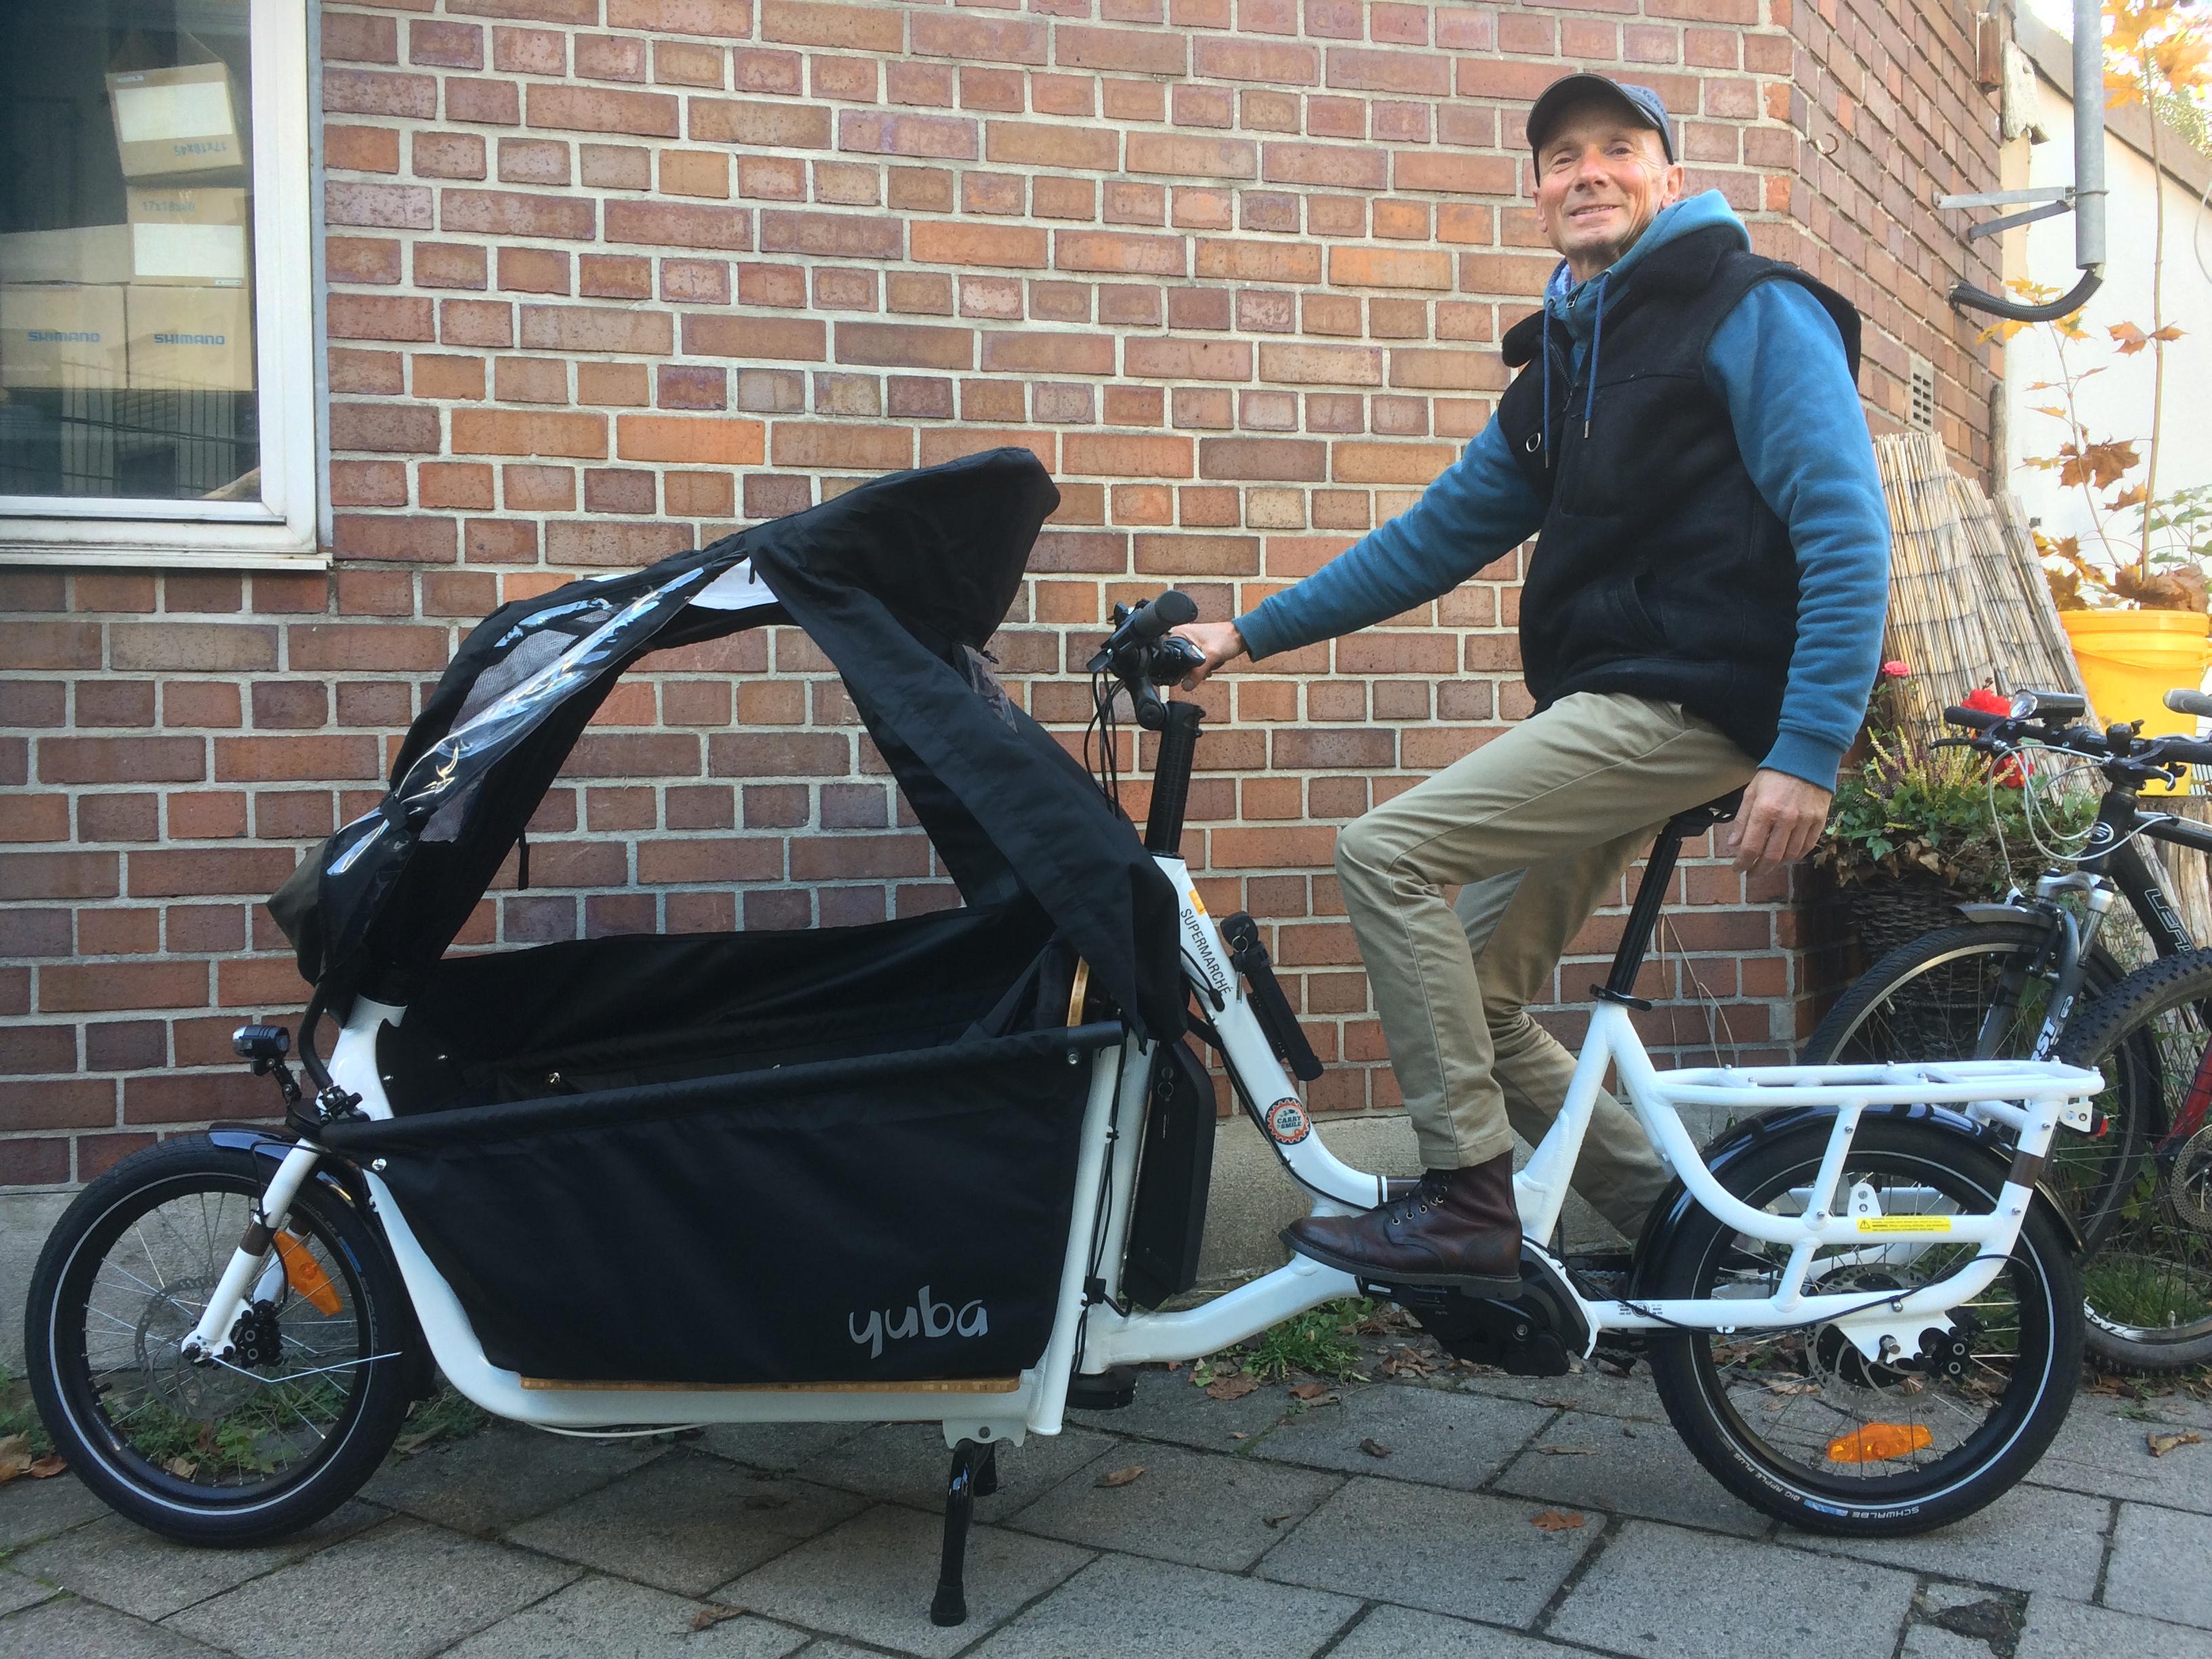 Gewerbe-Referenz: Das klimaradl in St. Georgen ist eine bike-sharing-Initiative, die sich ein sportliches LongJohn-Modell mit unserer Unterstützung ausgesucht haben.